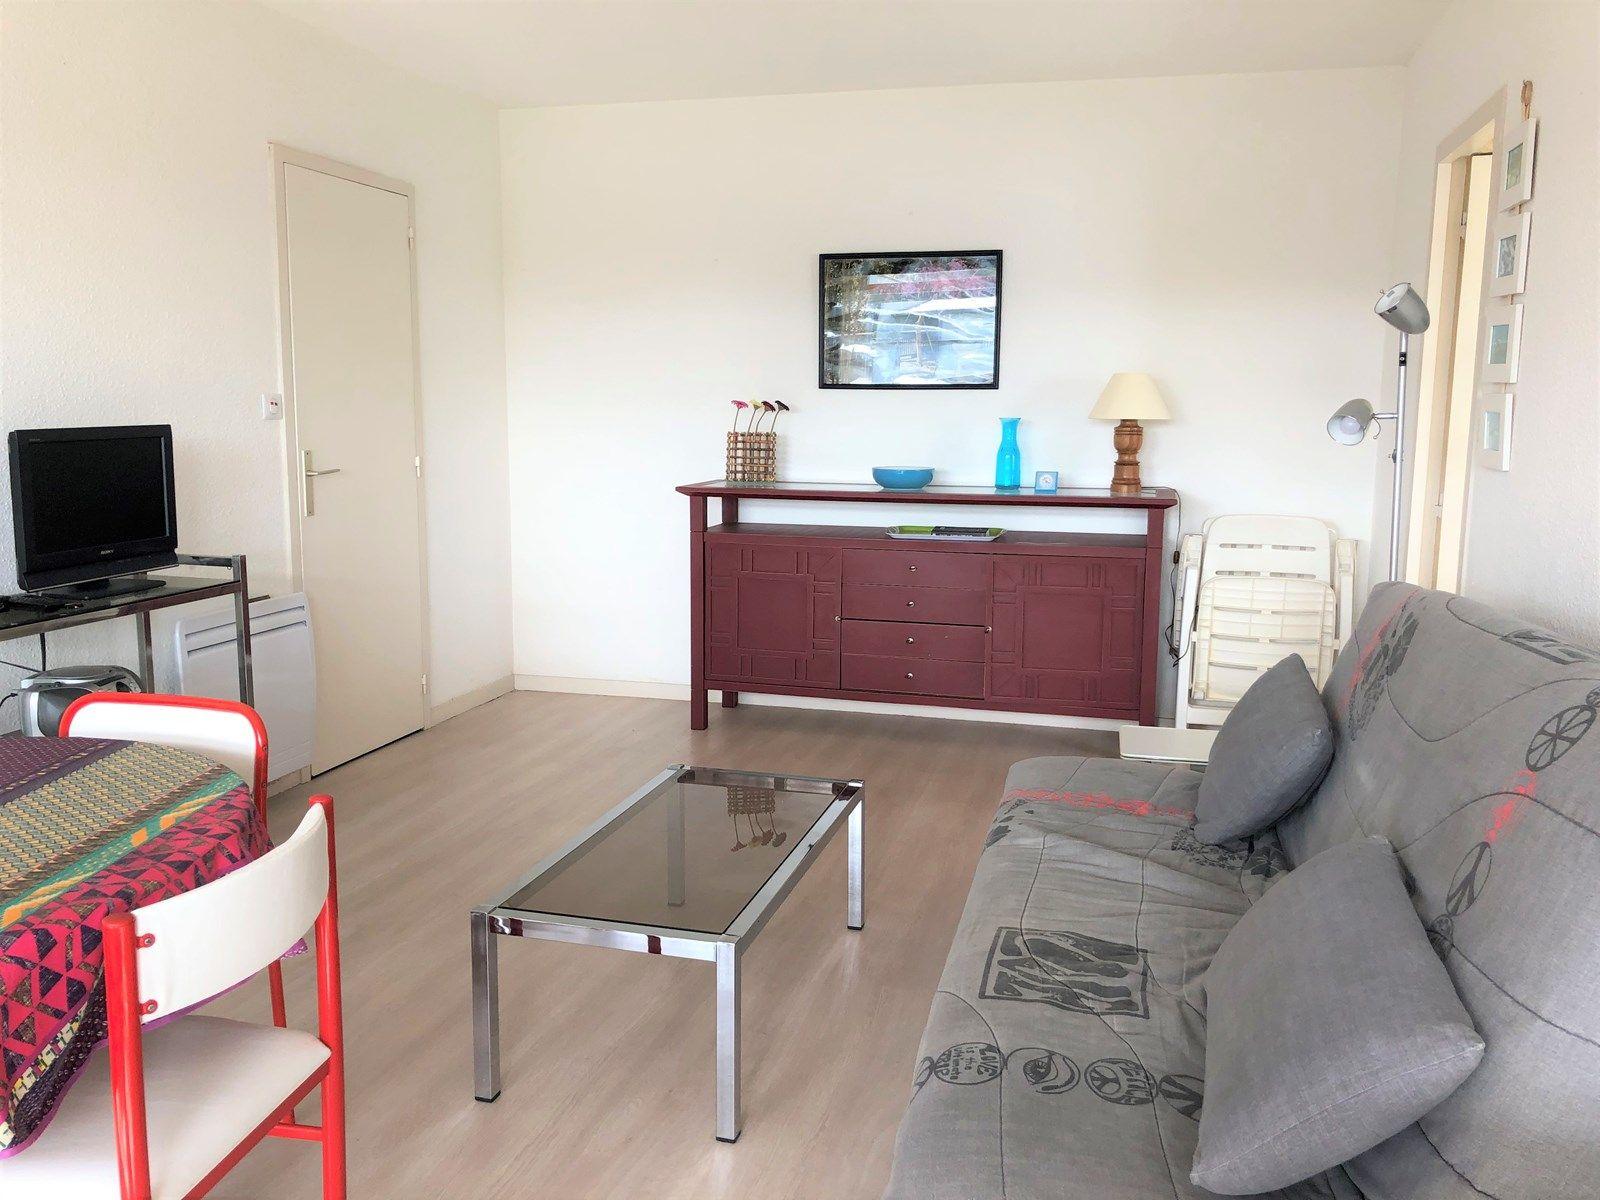 location de vacances à Seignosse ref:0508